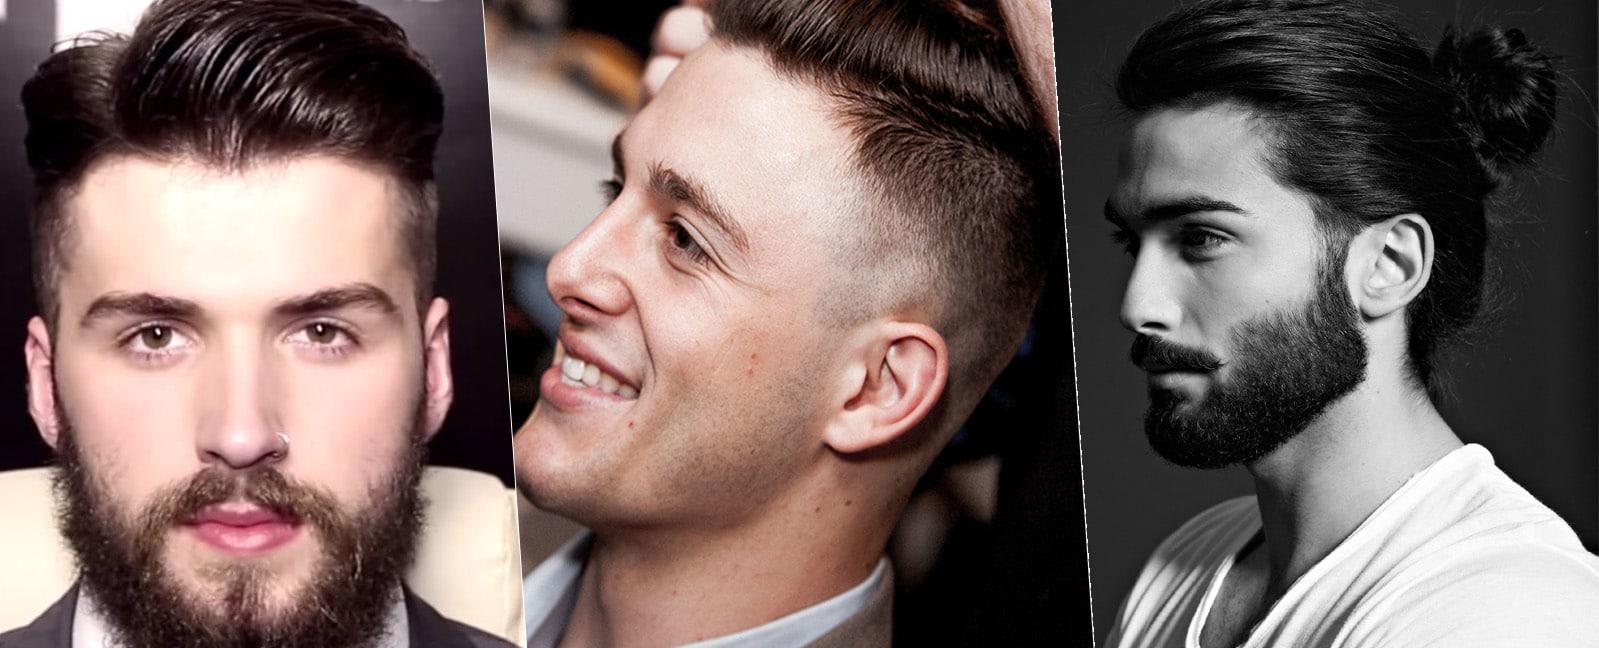 Cortes de cabelo masculino que mais bombaram nos últimos 100 anos Homens que se cuidam 3